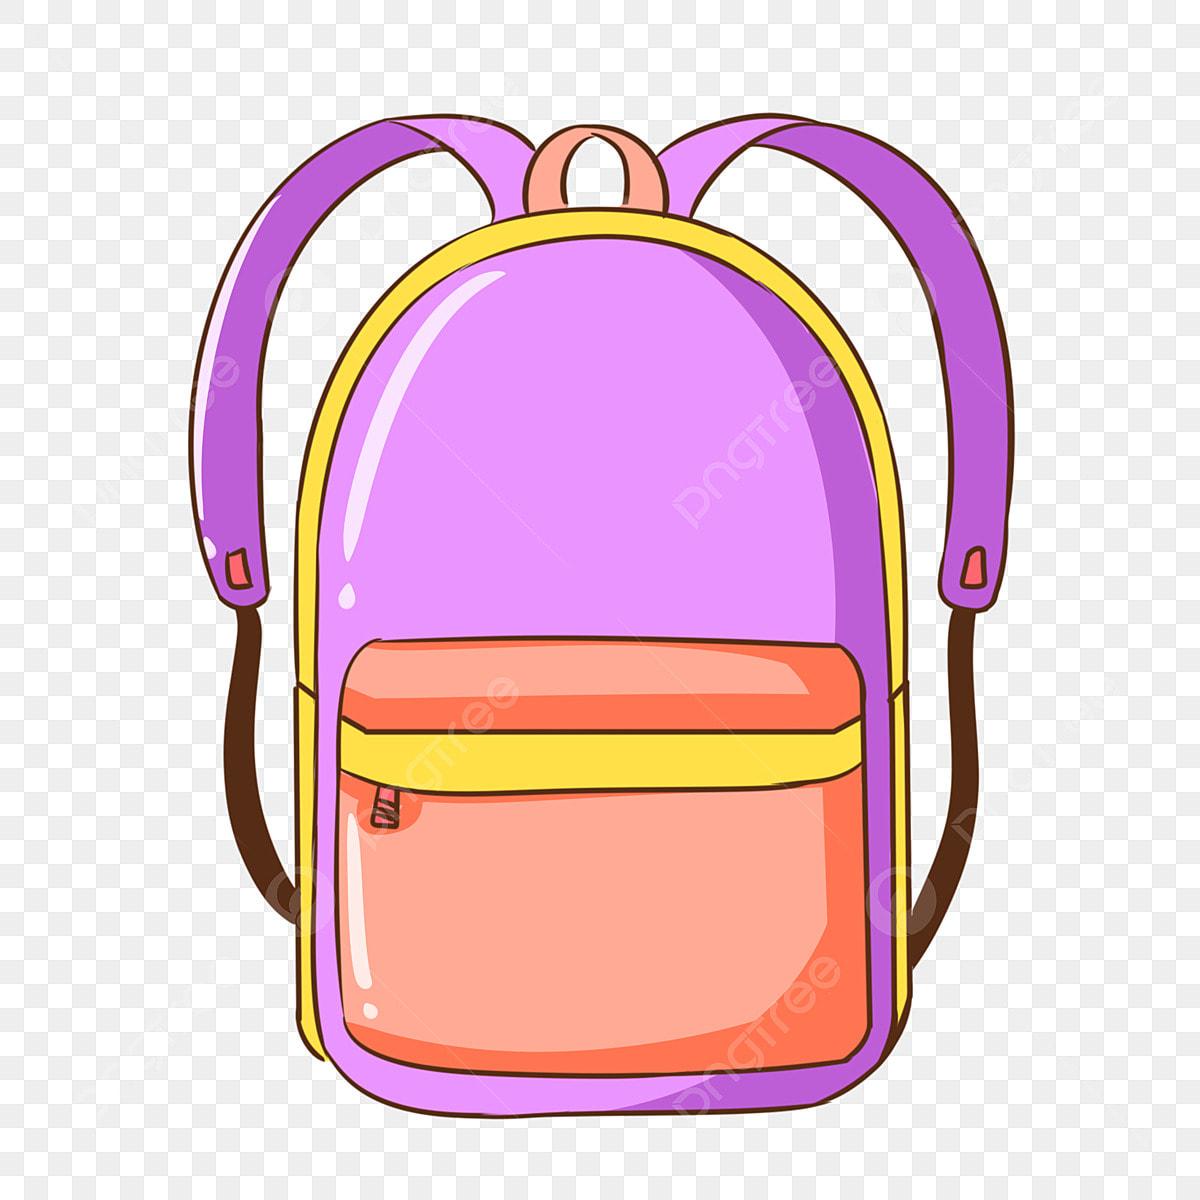 Gambar Beg Sekolah Ungu Beg Sekolah Yang Kreatif Beg Sekolah Yang Dicat Beg Sekolah Kartun Beg Sekolah Ungu Beg Sekolah Yang Kreatif Tangan Png Dan Psd Untuk Muat Turun Percuma